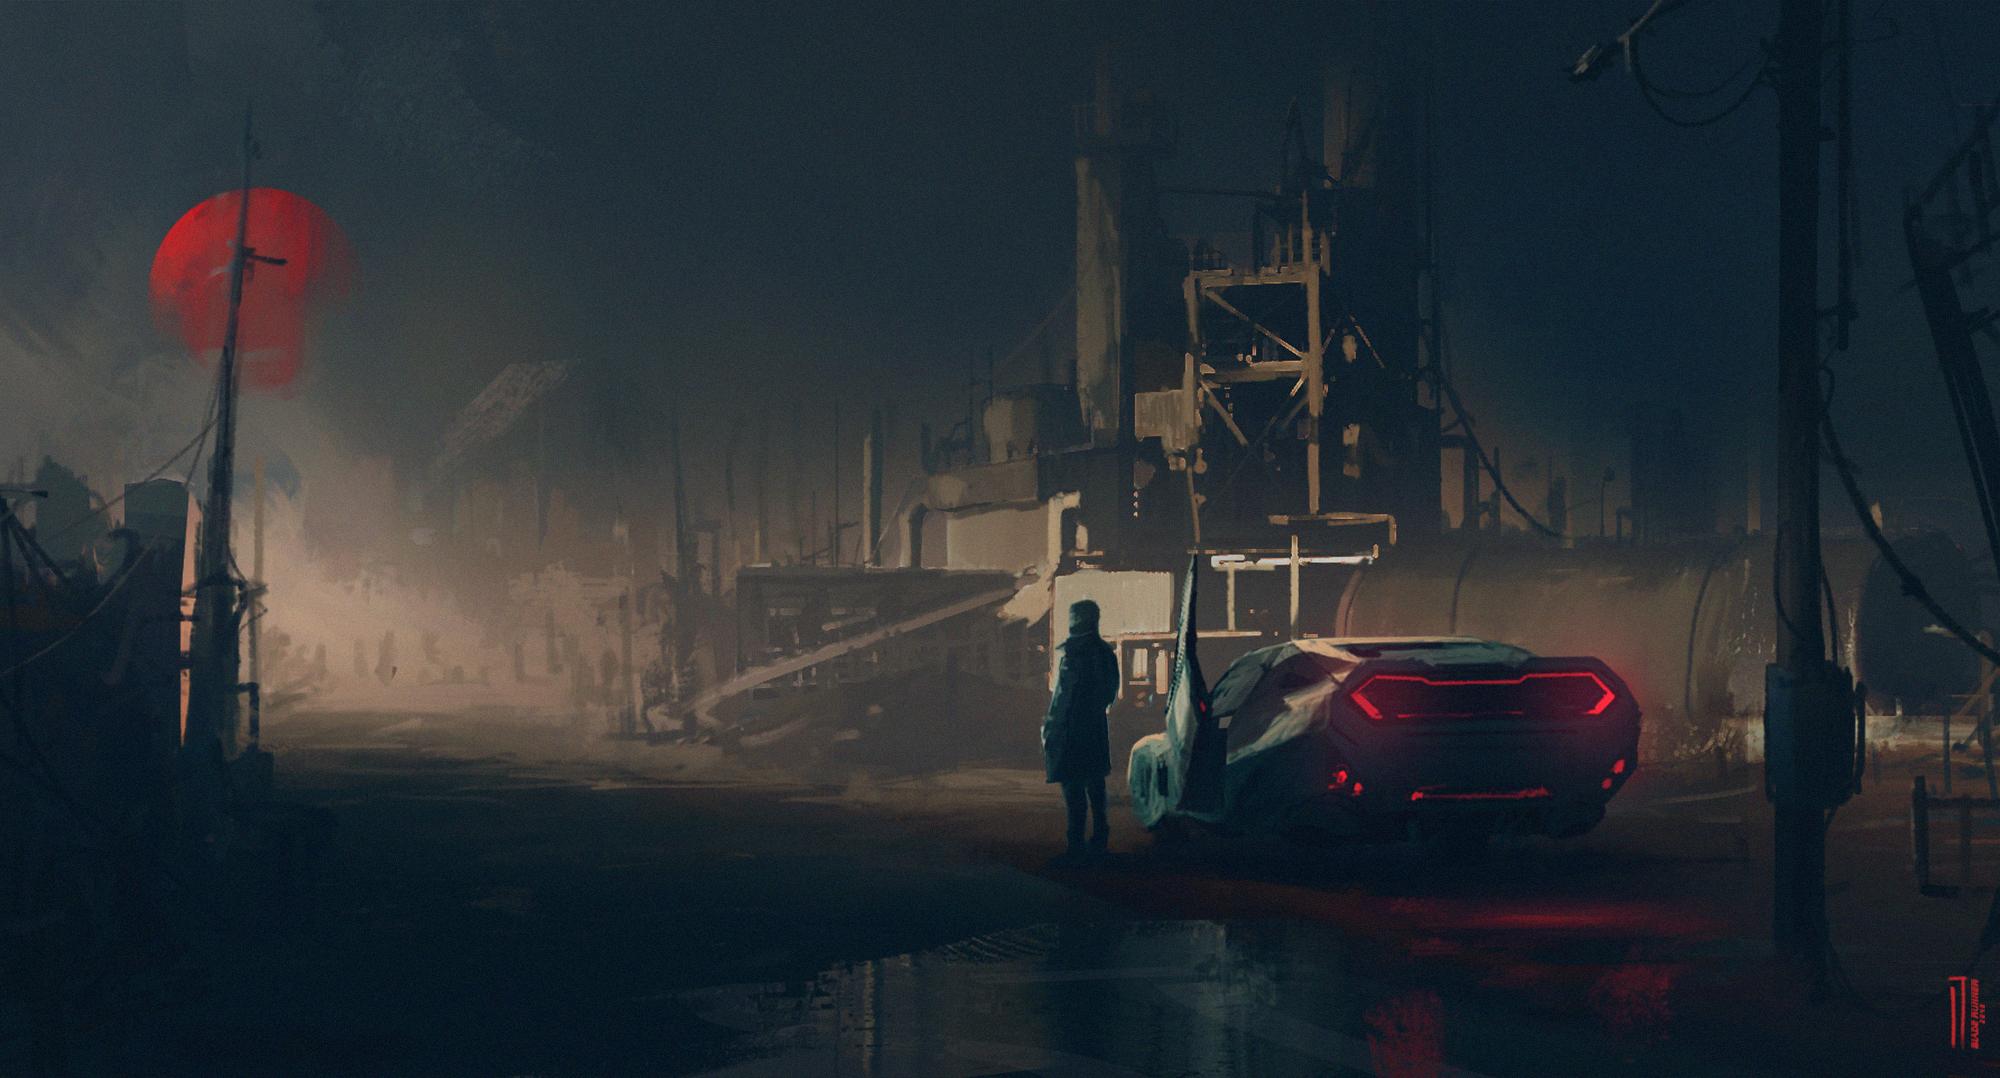 Blade Runner 2049 Wallpapers From Trailer 1920x1080: Blade Runner 2049 Fan Art, HD Movies, 4k Wallpapers